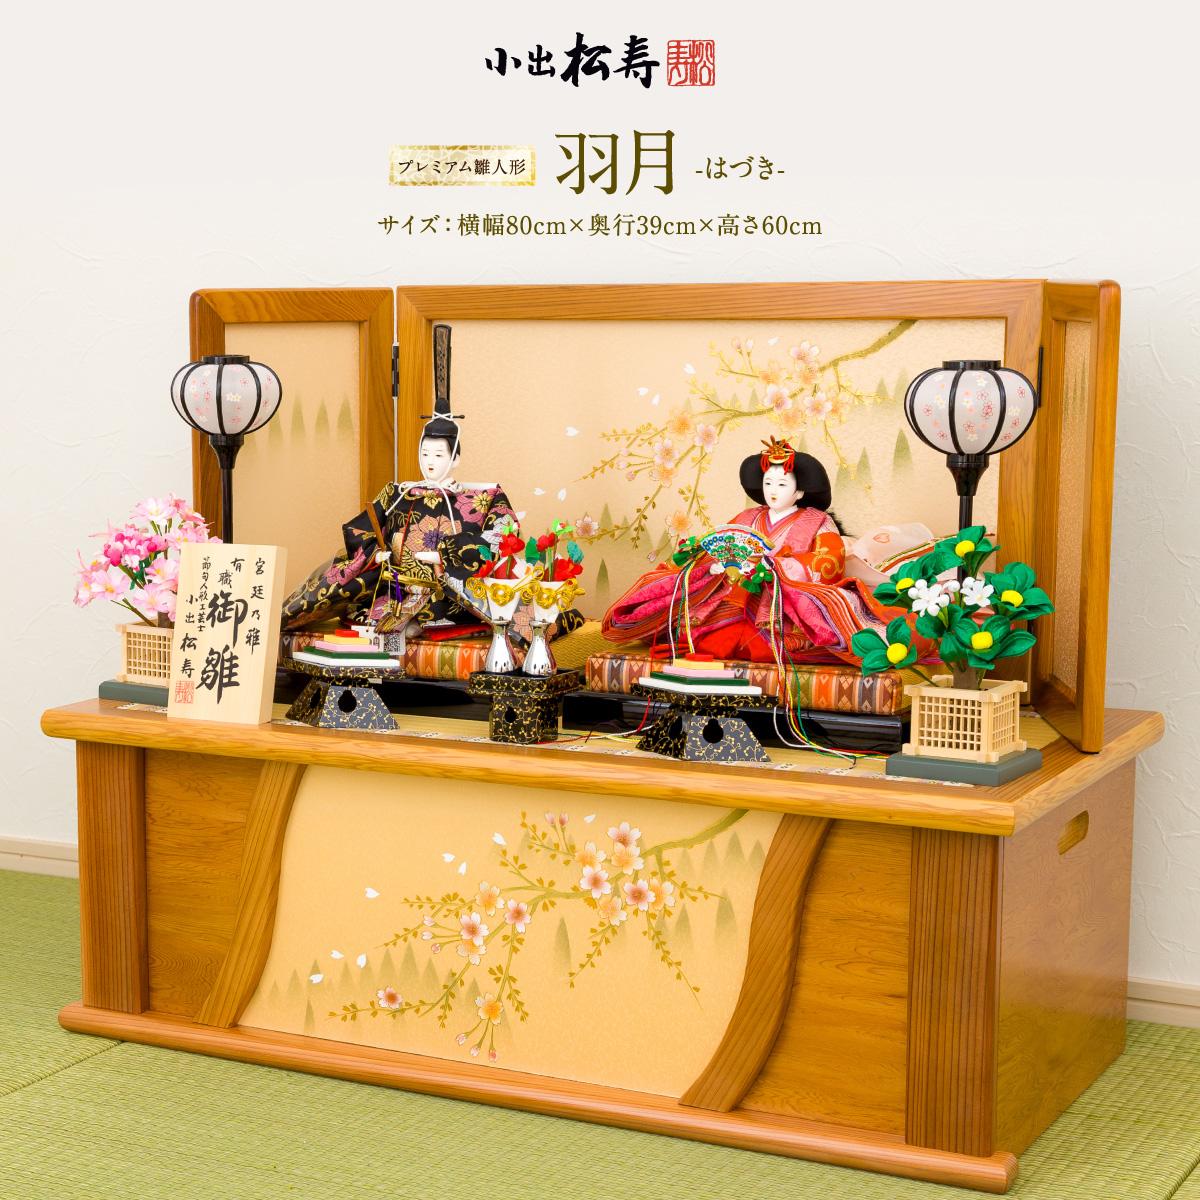 ひな人形 雛人形 小出松寿作羽月(はづき) 特選